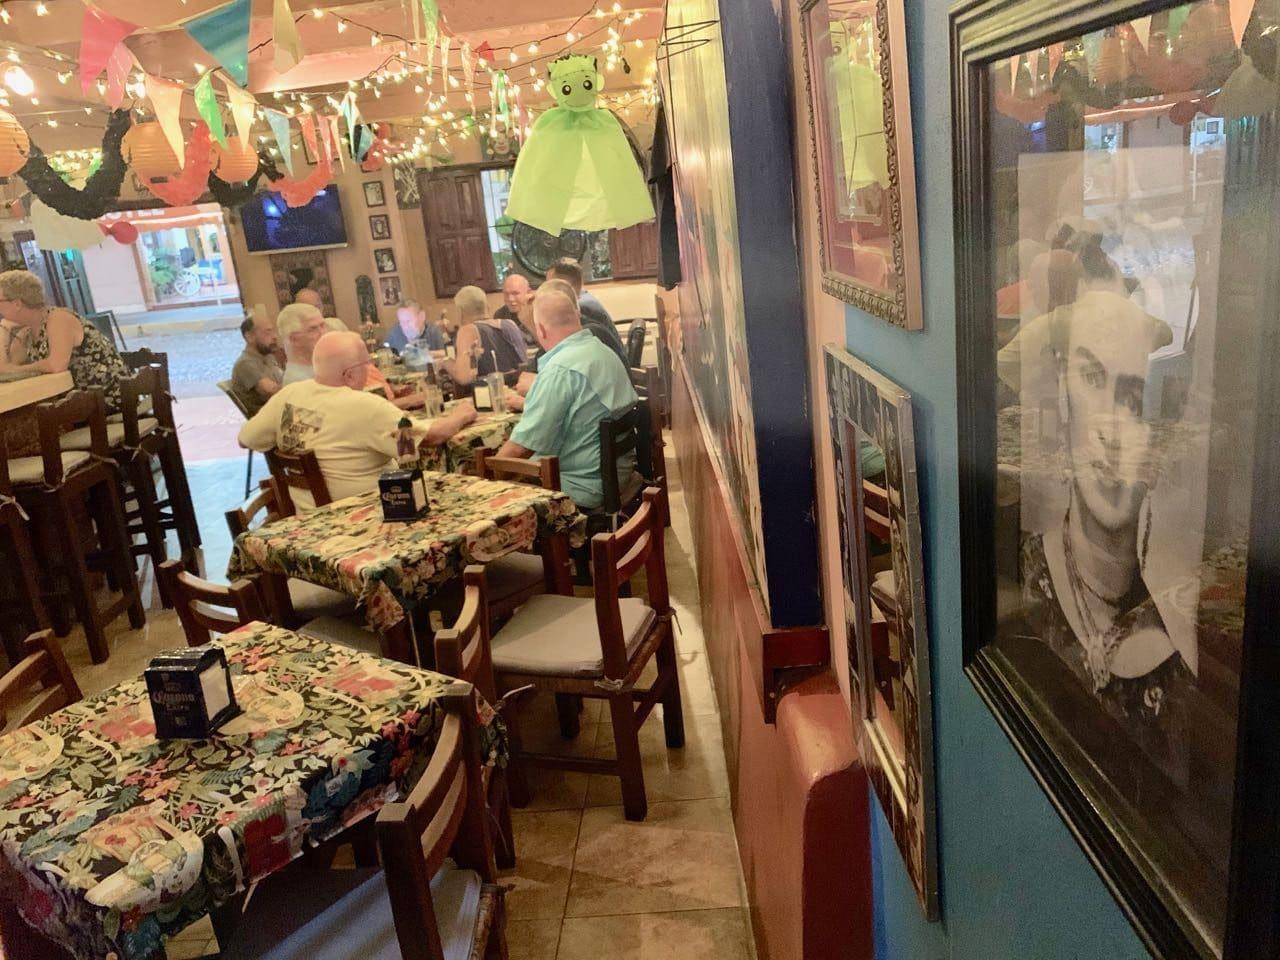 Bar Frida is a local gay bar and restaurant in Puerto Vallarta.